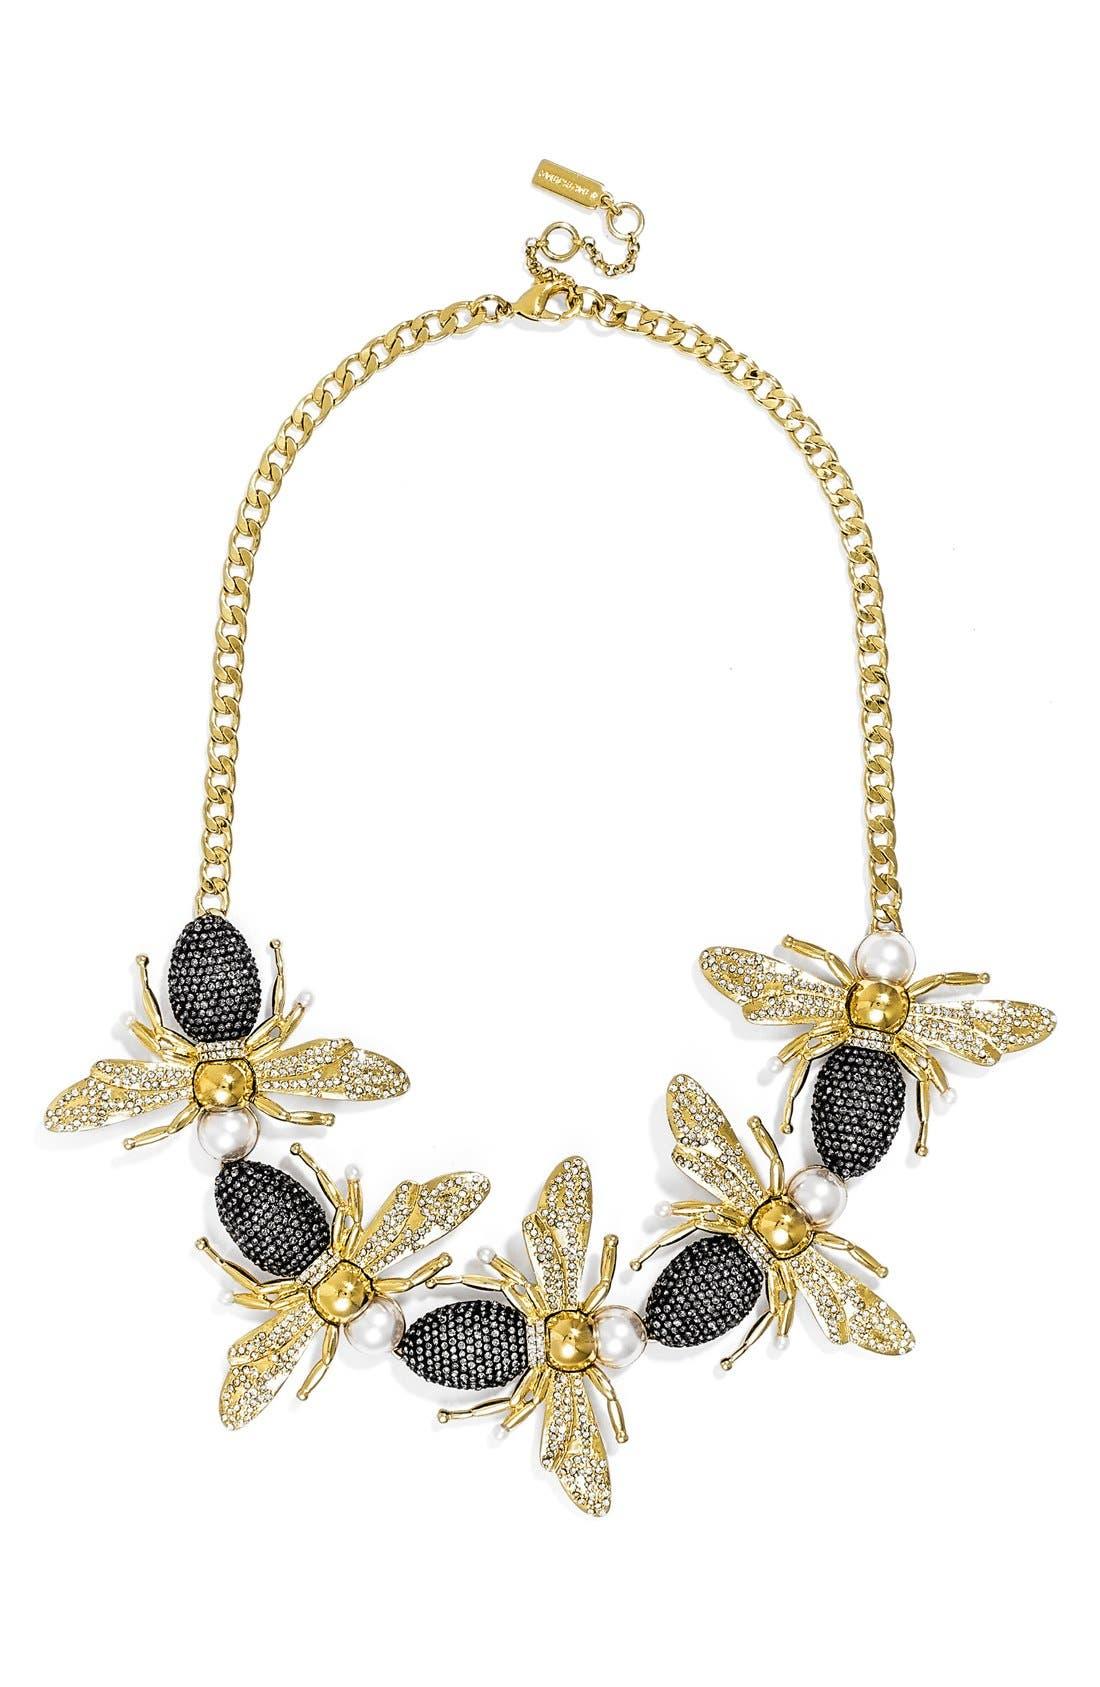 'Queen Bee' Collar Necklace,                             Main thumbnail 1, color,                             710